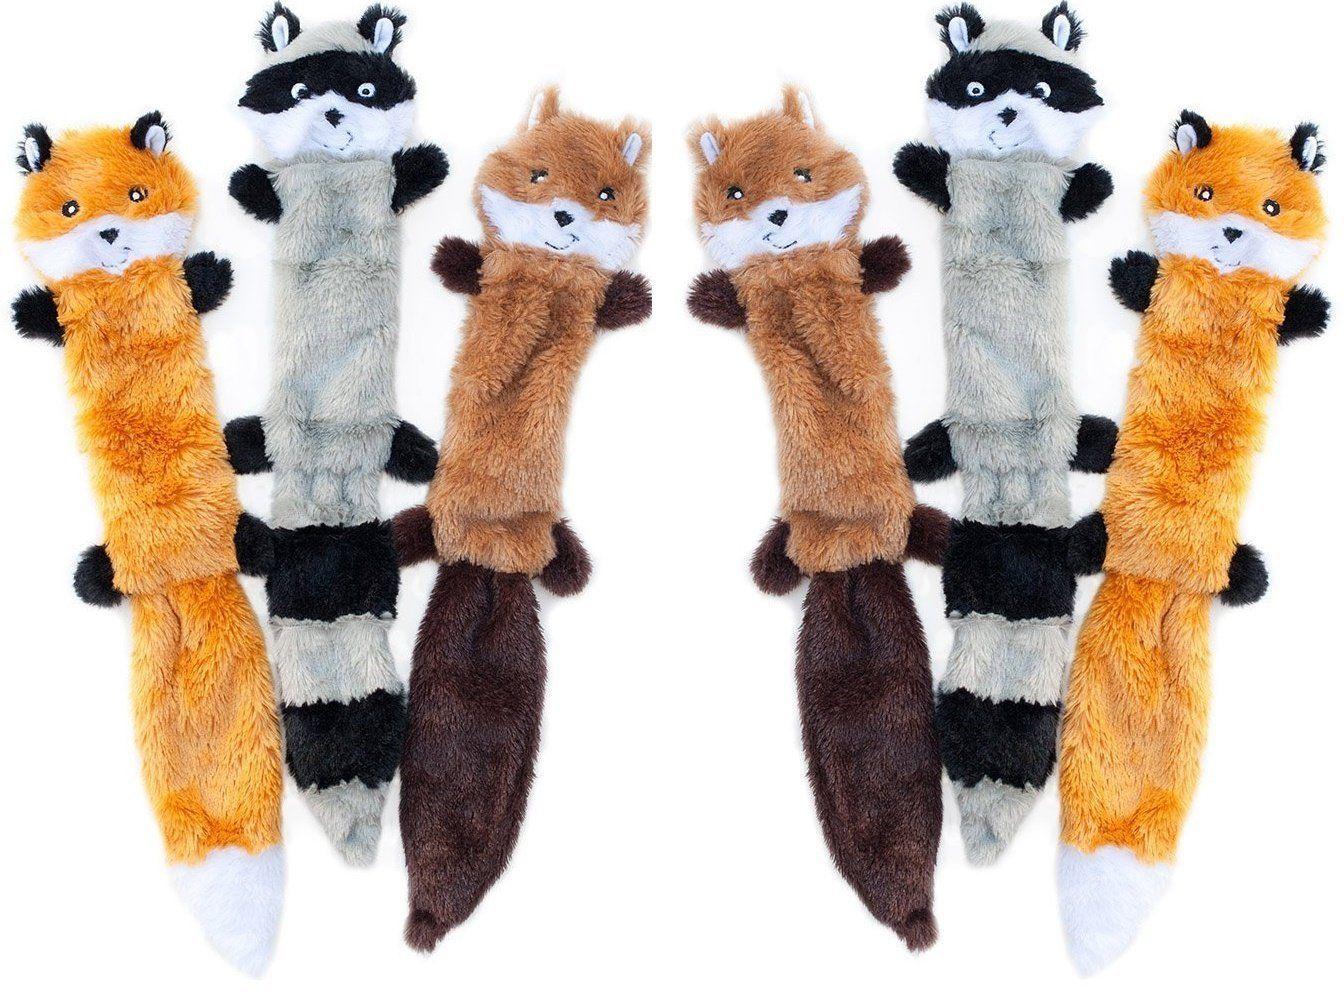 Zippypaws Skinny Peltz No Stuffing Squeaky Plush Dog Toy Large 6